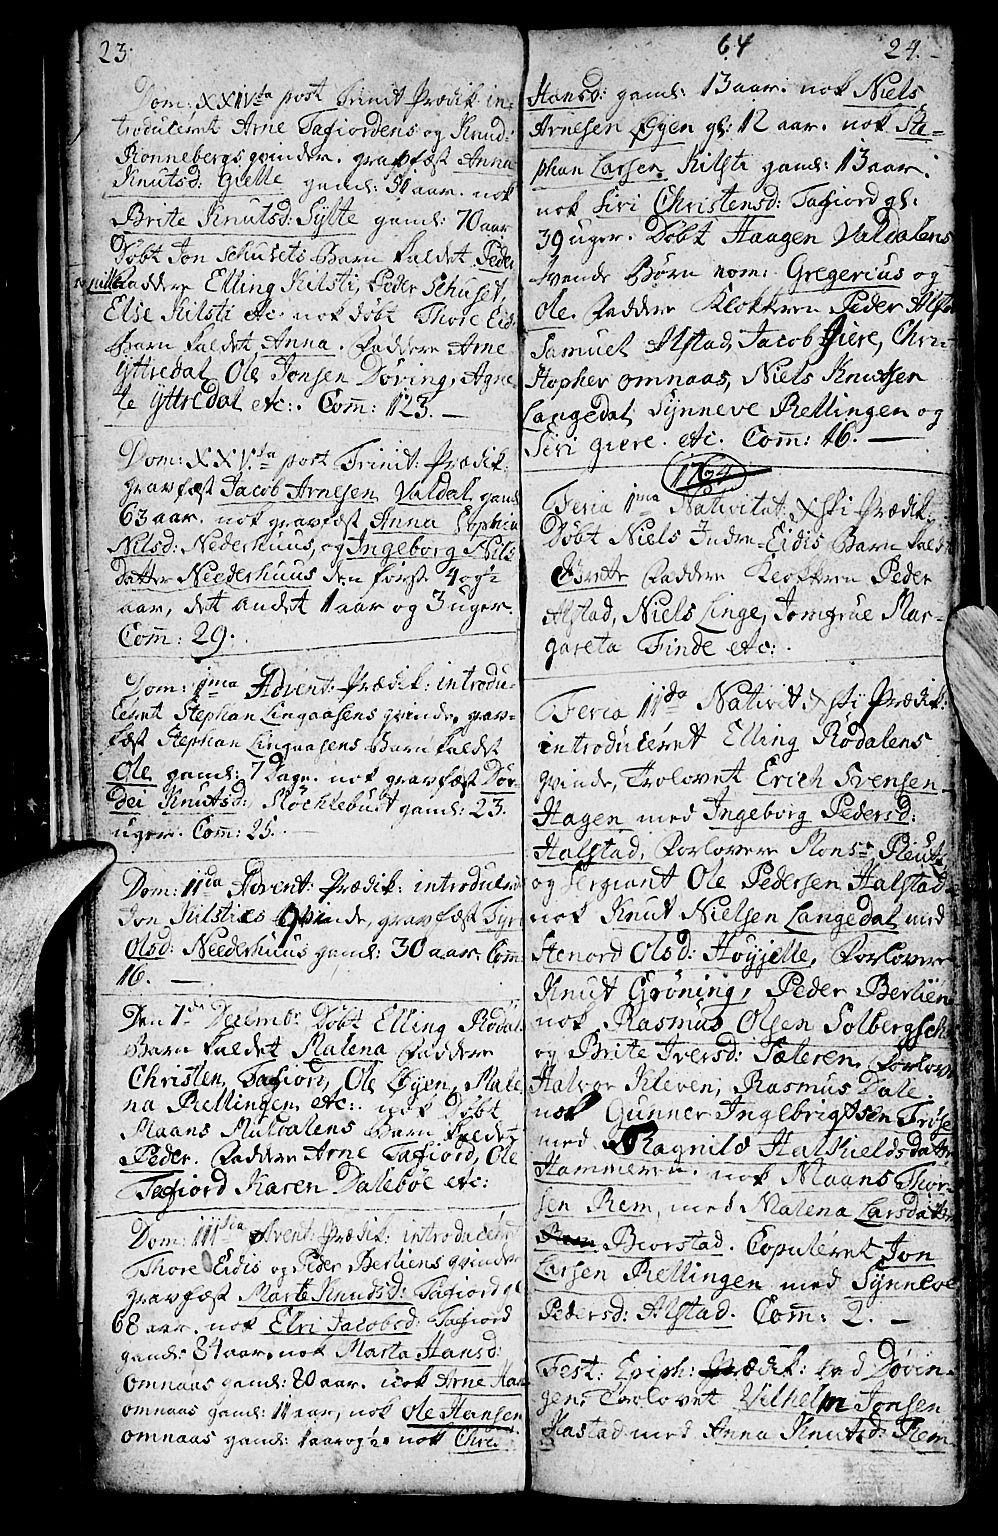 SAT, Ministerialprotokoller, klokkerbøker og fødselsregistre - Møre og Romsdal, 519/L0243: Ministerialbok nr. 519A02, 1760-1770, s. 23-24